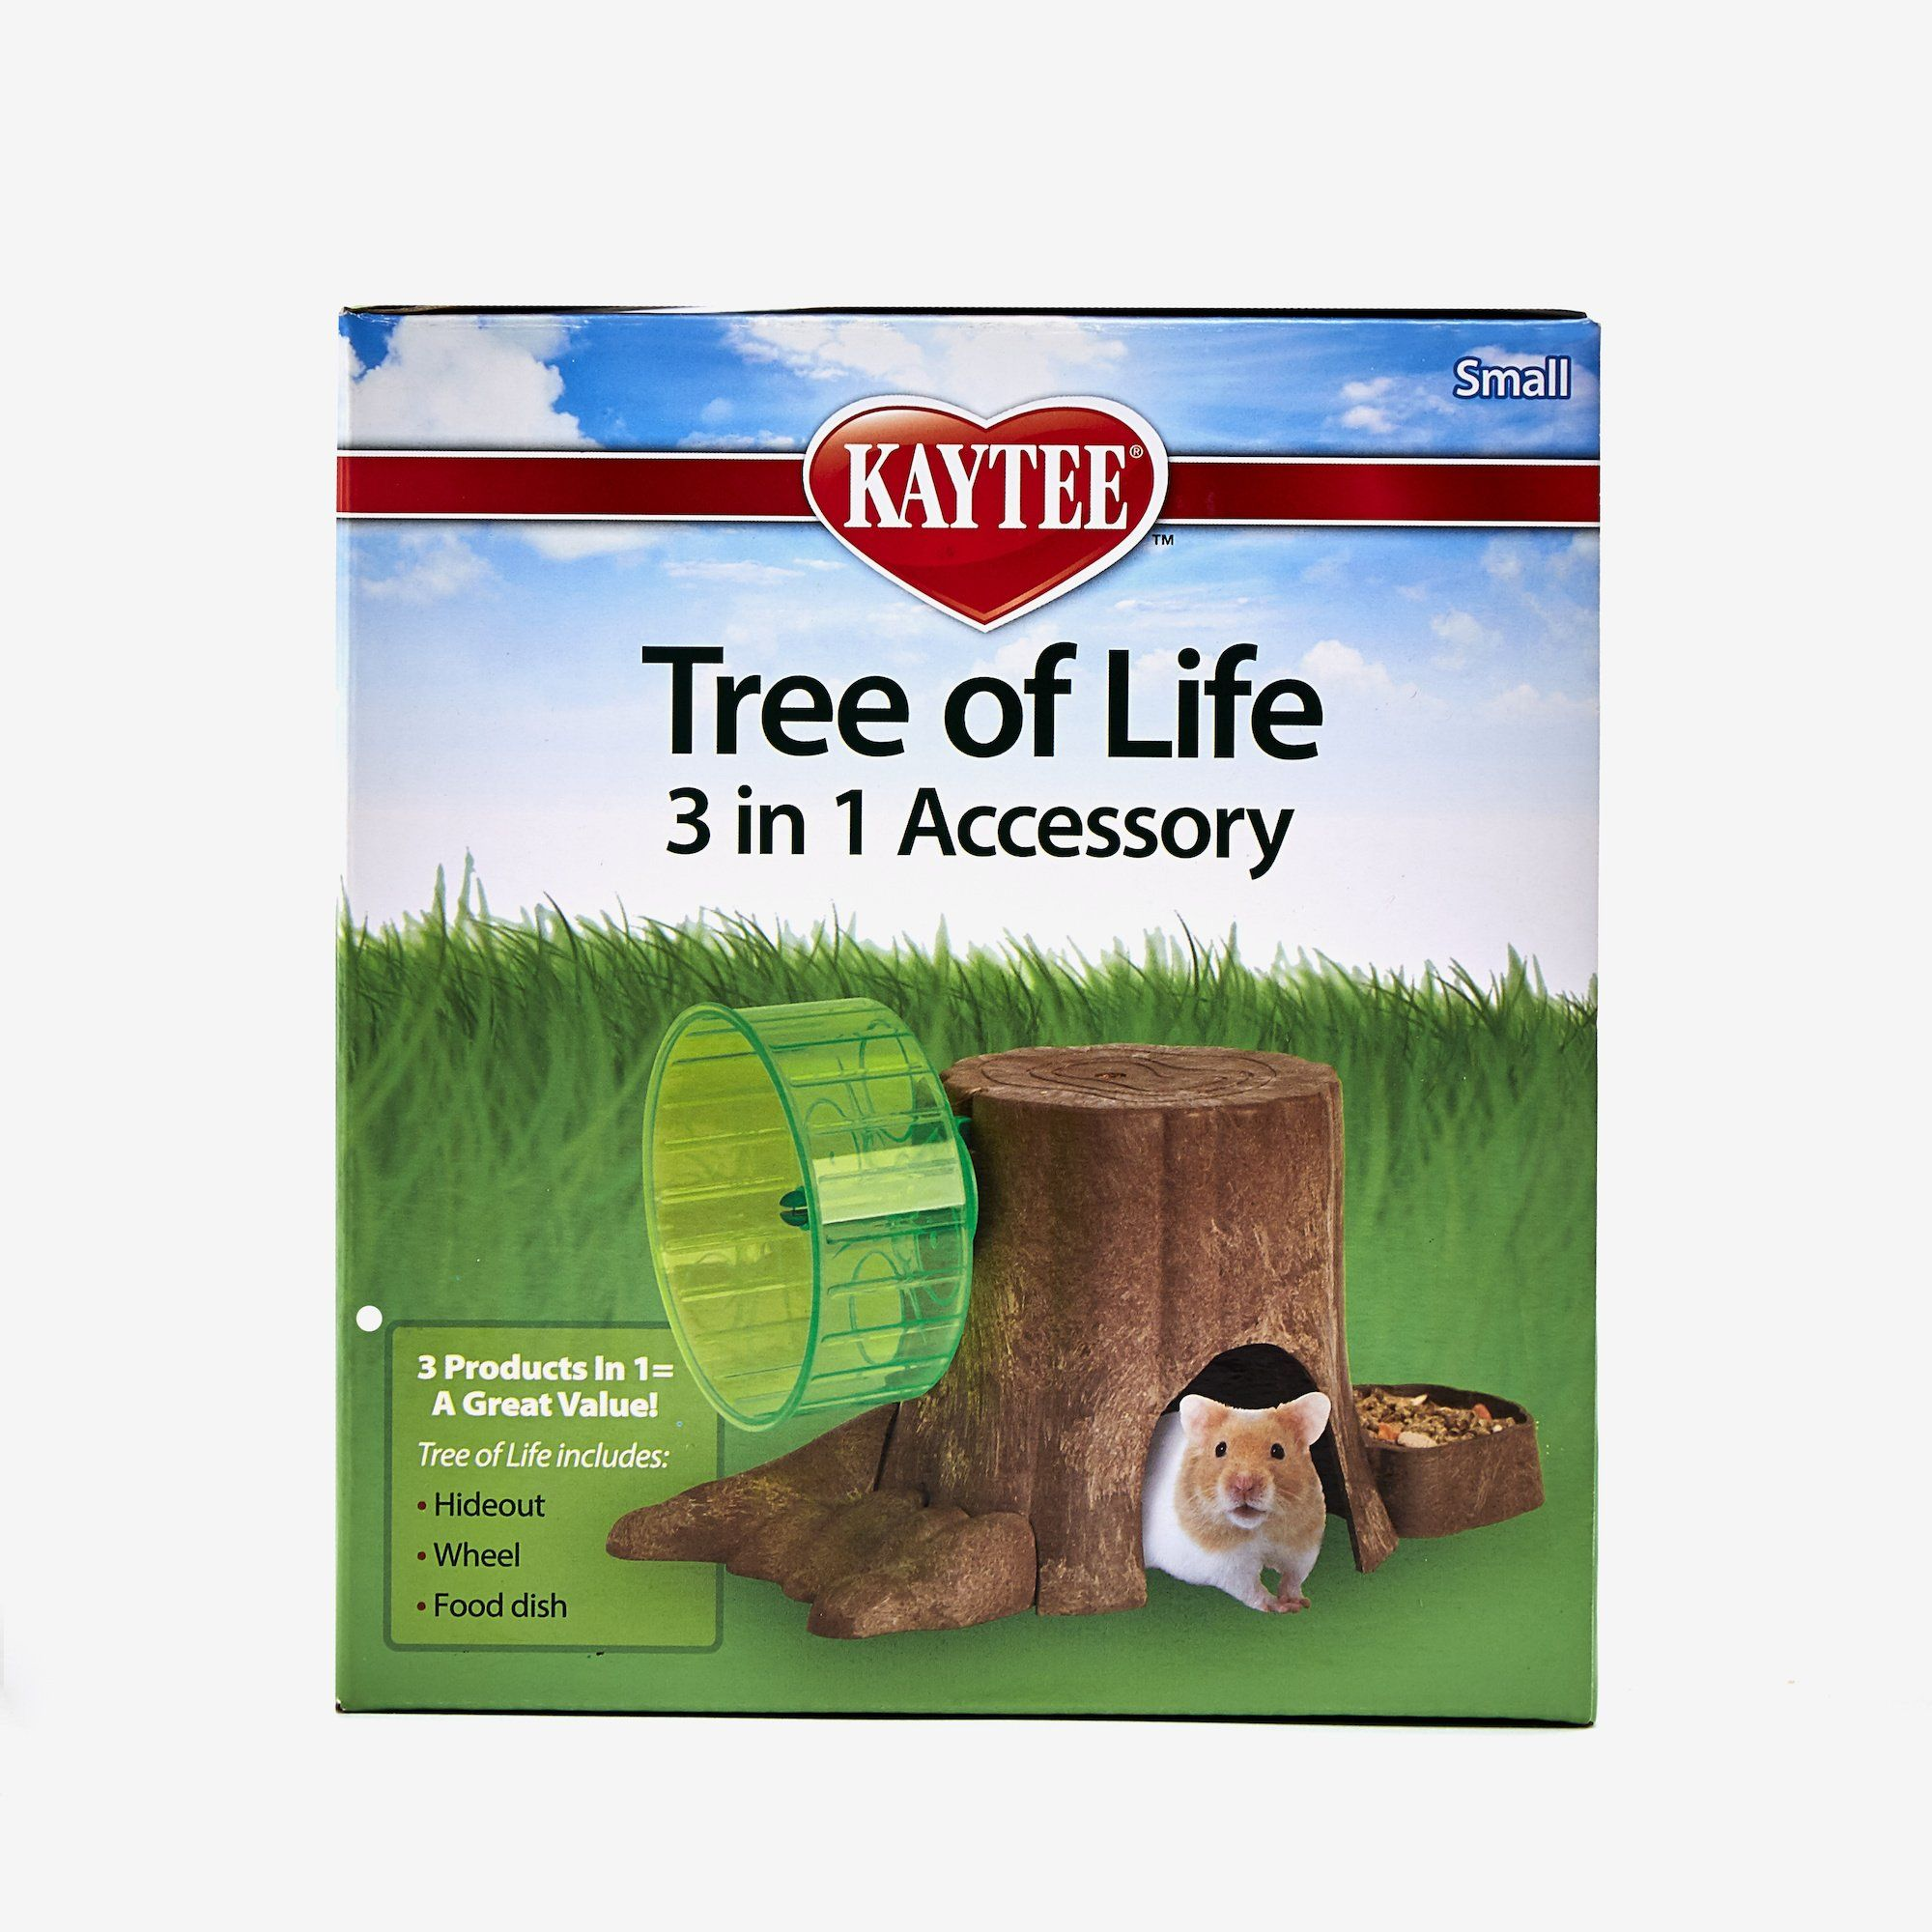 Small Kaytee Tree of Life 3-in-1 Pet Habitat Accessory